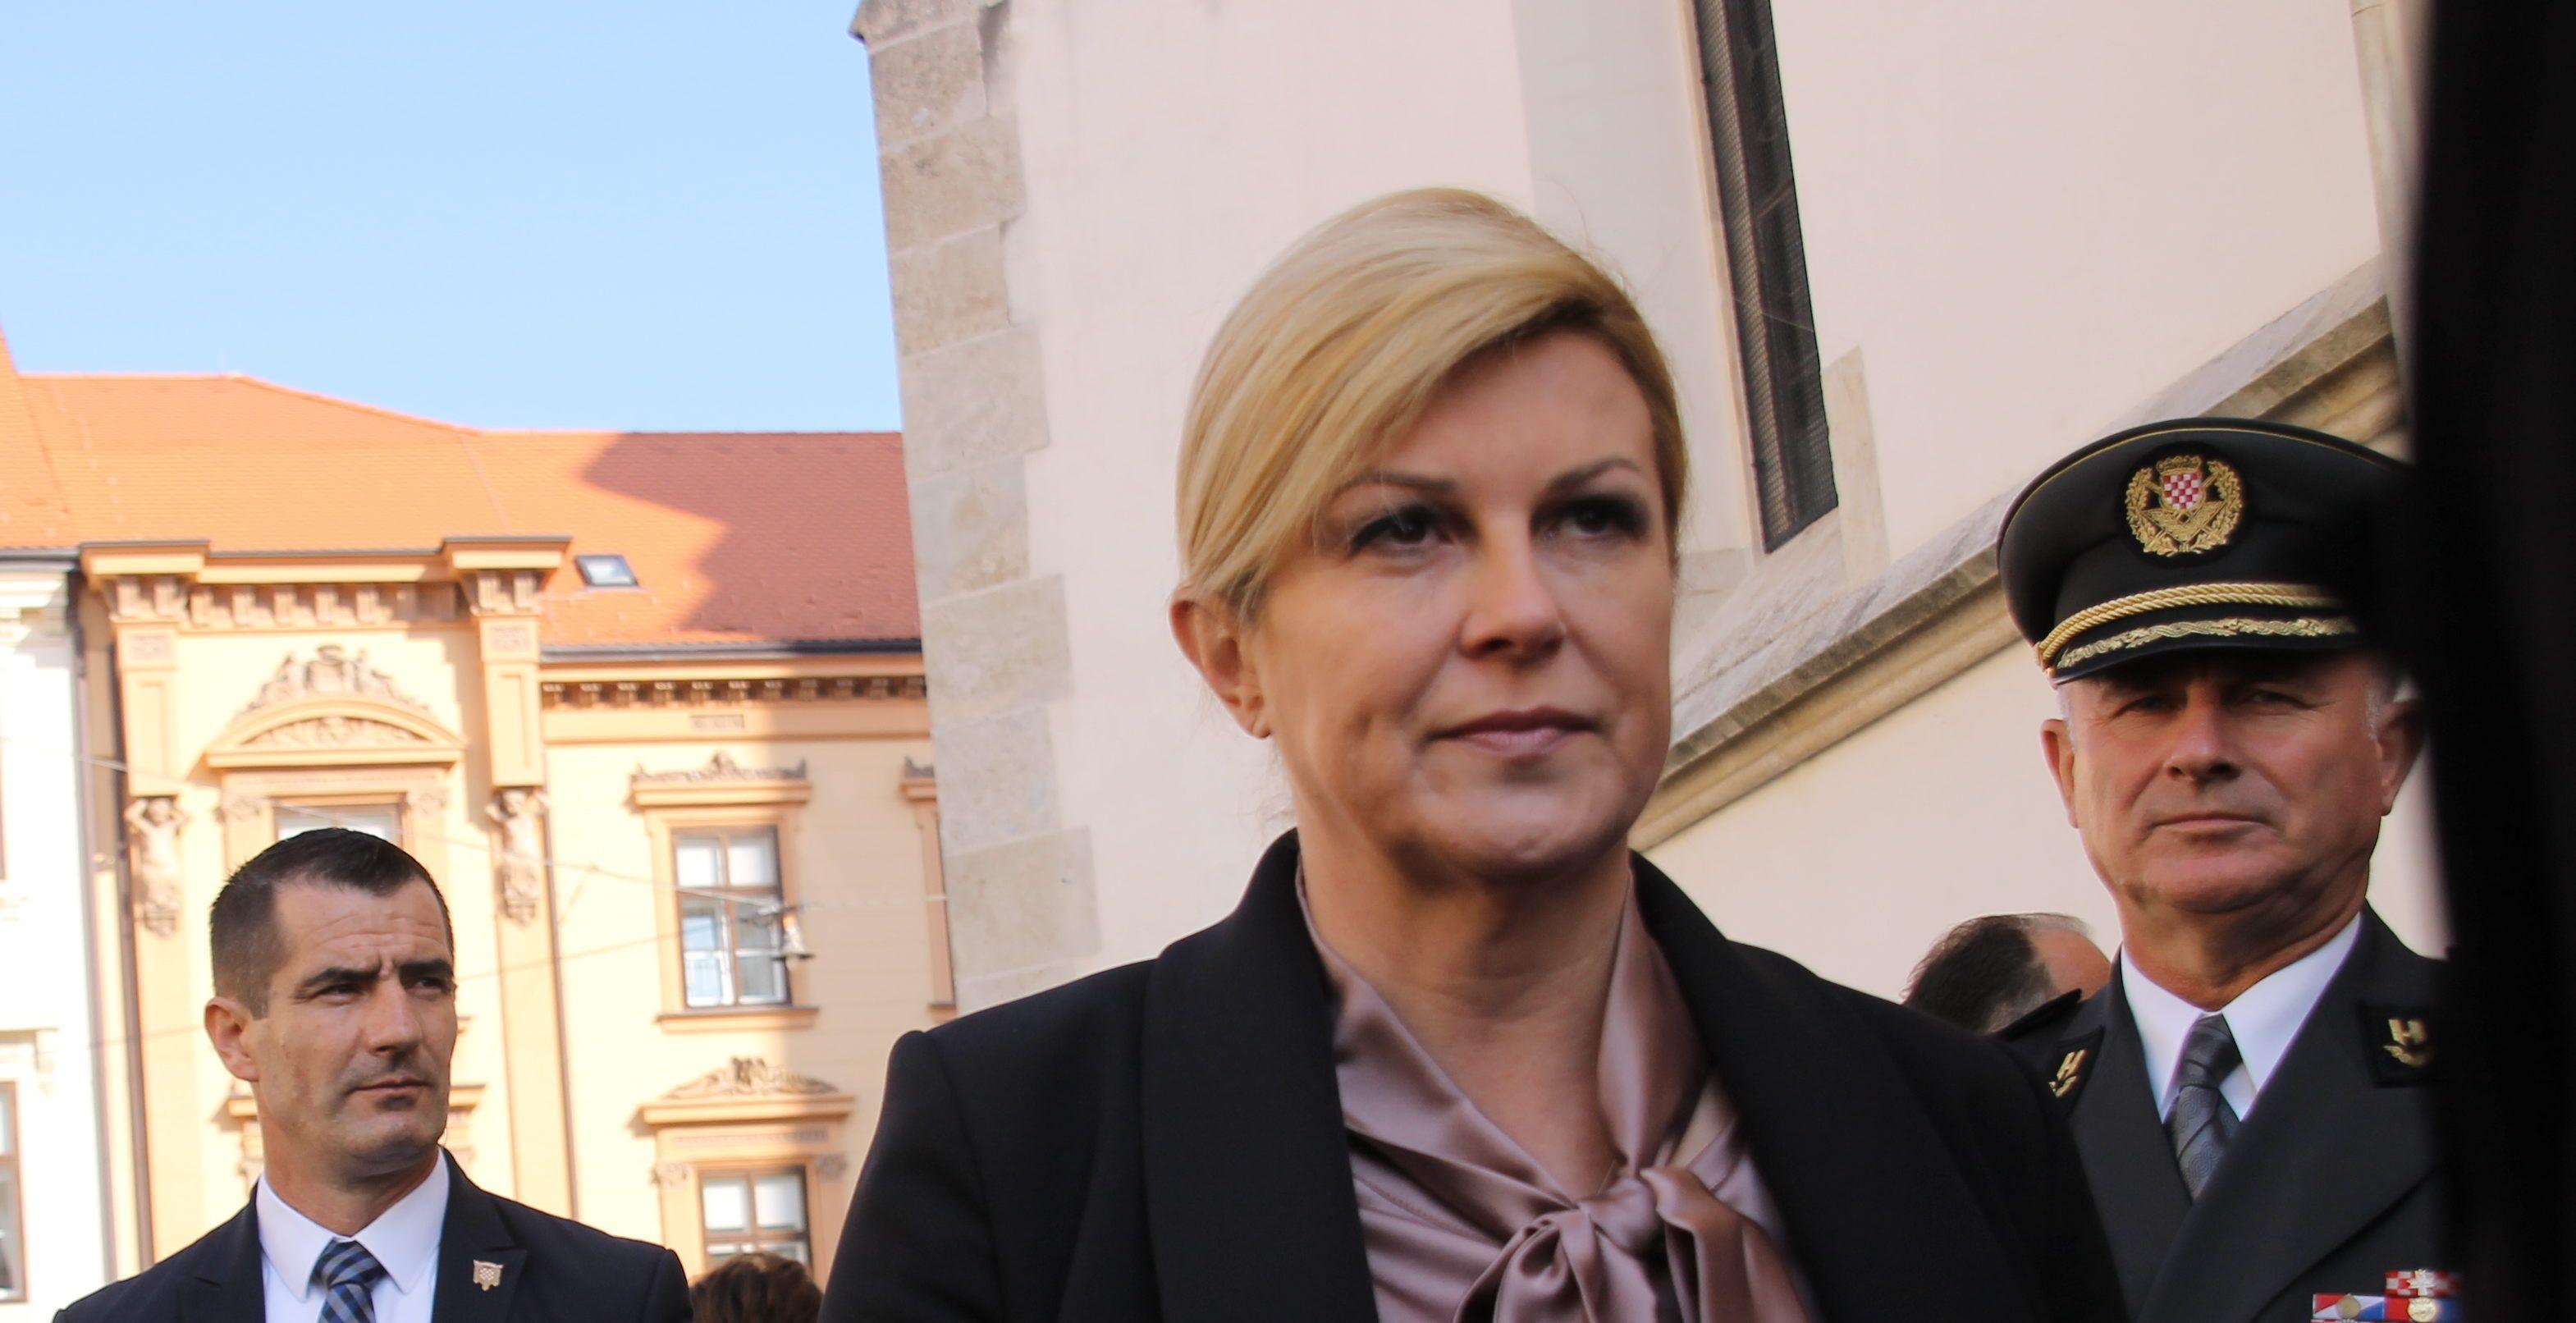 """Grabar-Kitarović zgrožena spolnim zlostavljanjem i ucjenom maloljetnice u Zadru: """"Ne smijemo zatvarati oči nad nasiljem u našem društvu jer se time žrtve dodatno zlostavljaju"""""""